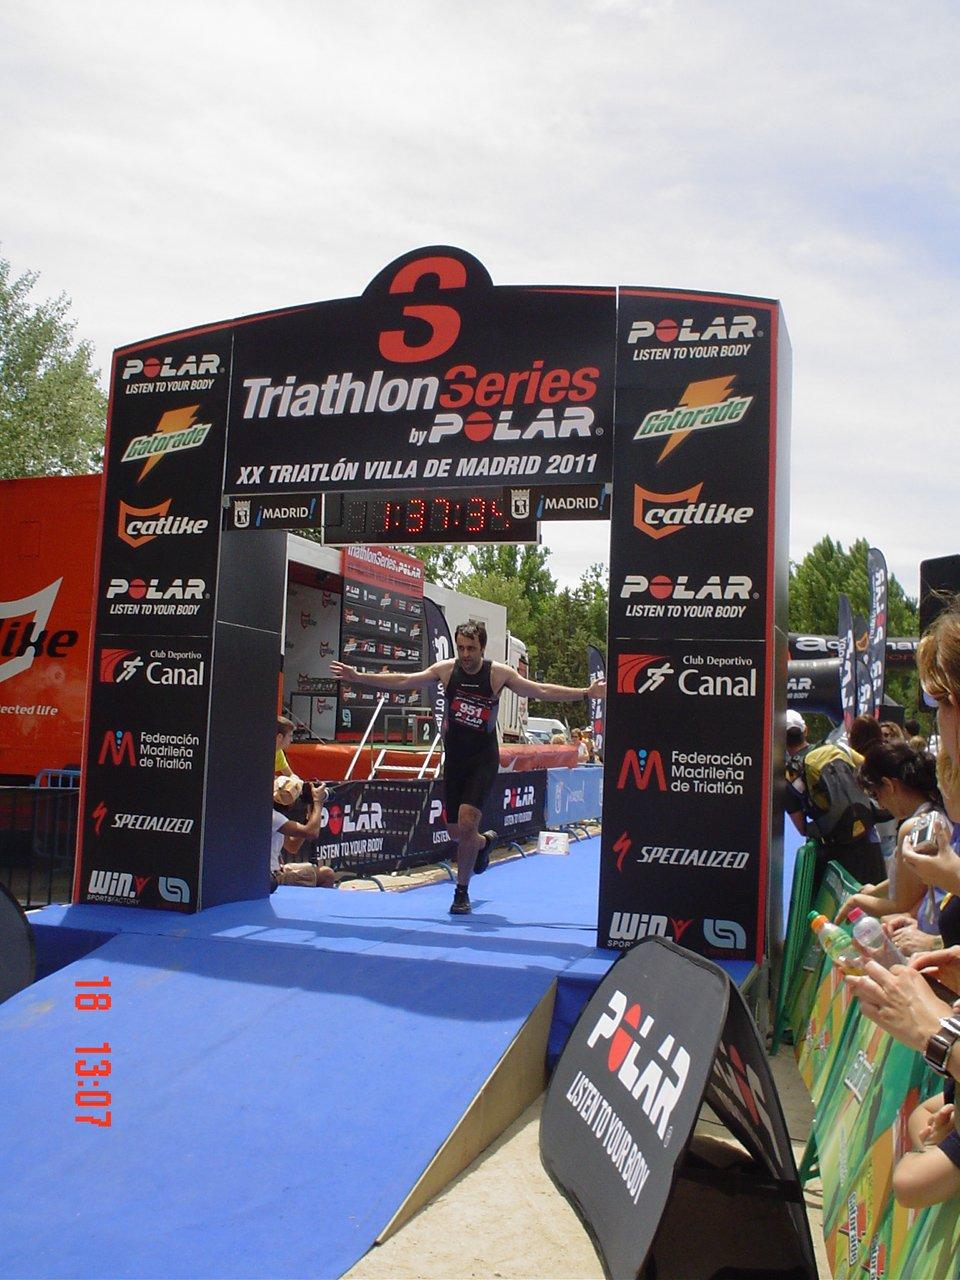 La mejor forma de iniciarse en el triatlón es con la modalidad sprint como hizo Carlos en 2011.